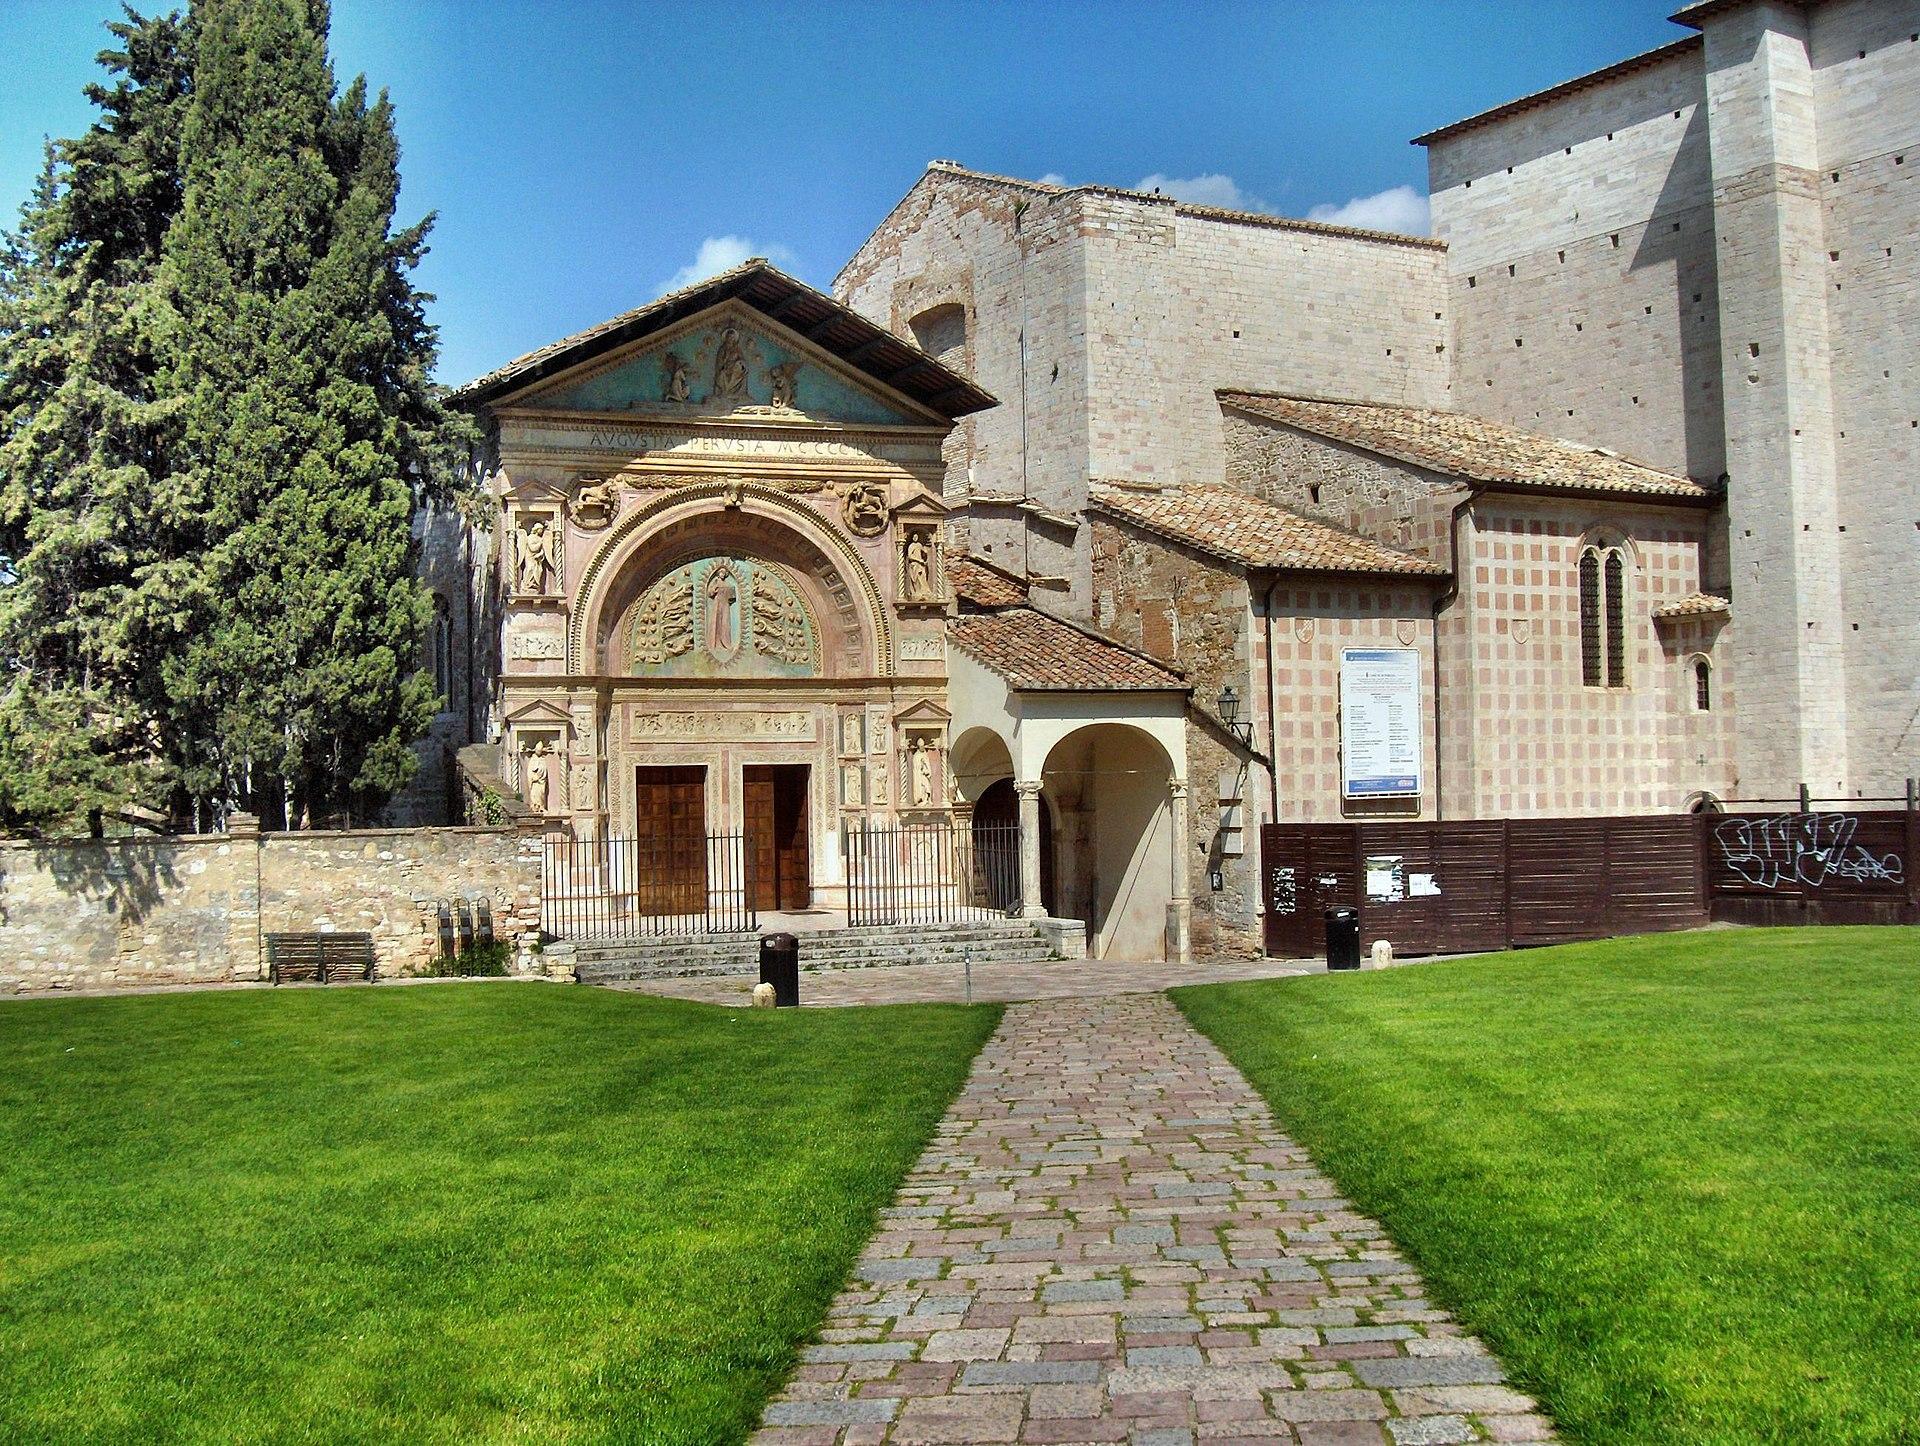 Accademia di belle arti pietro vannucci wikipedia for Accademia belle arti design